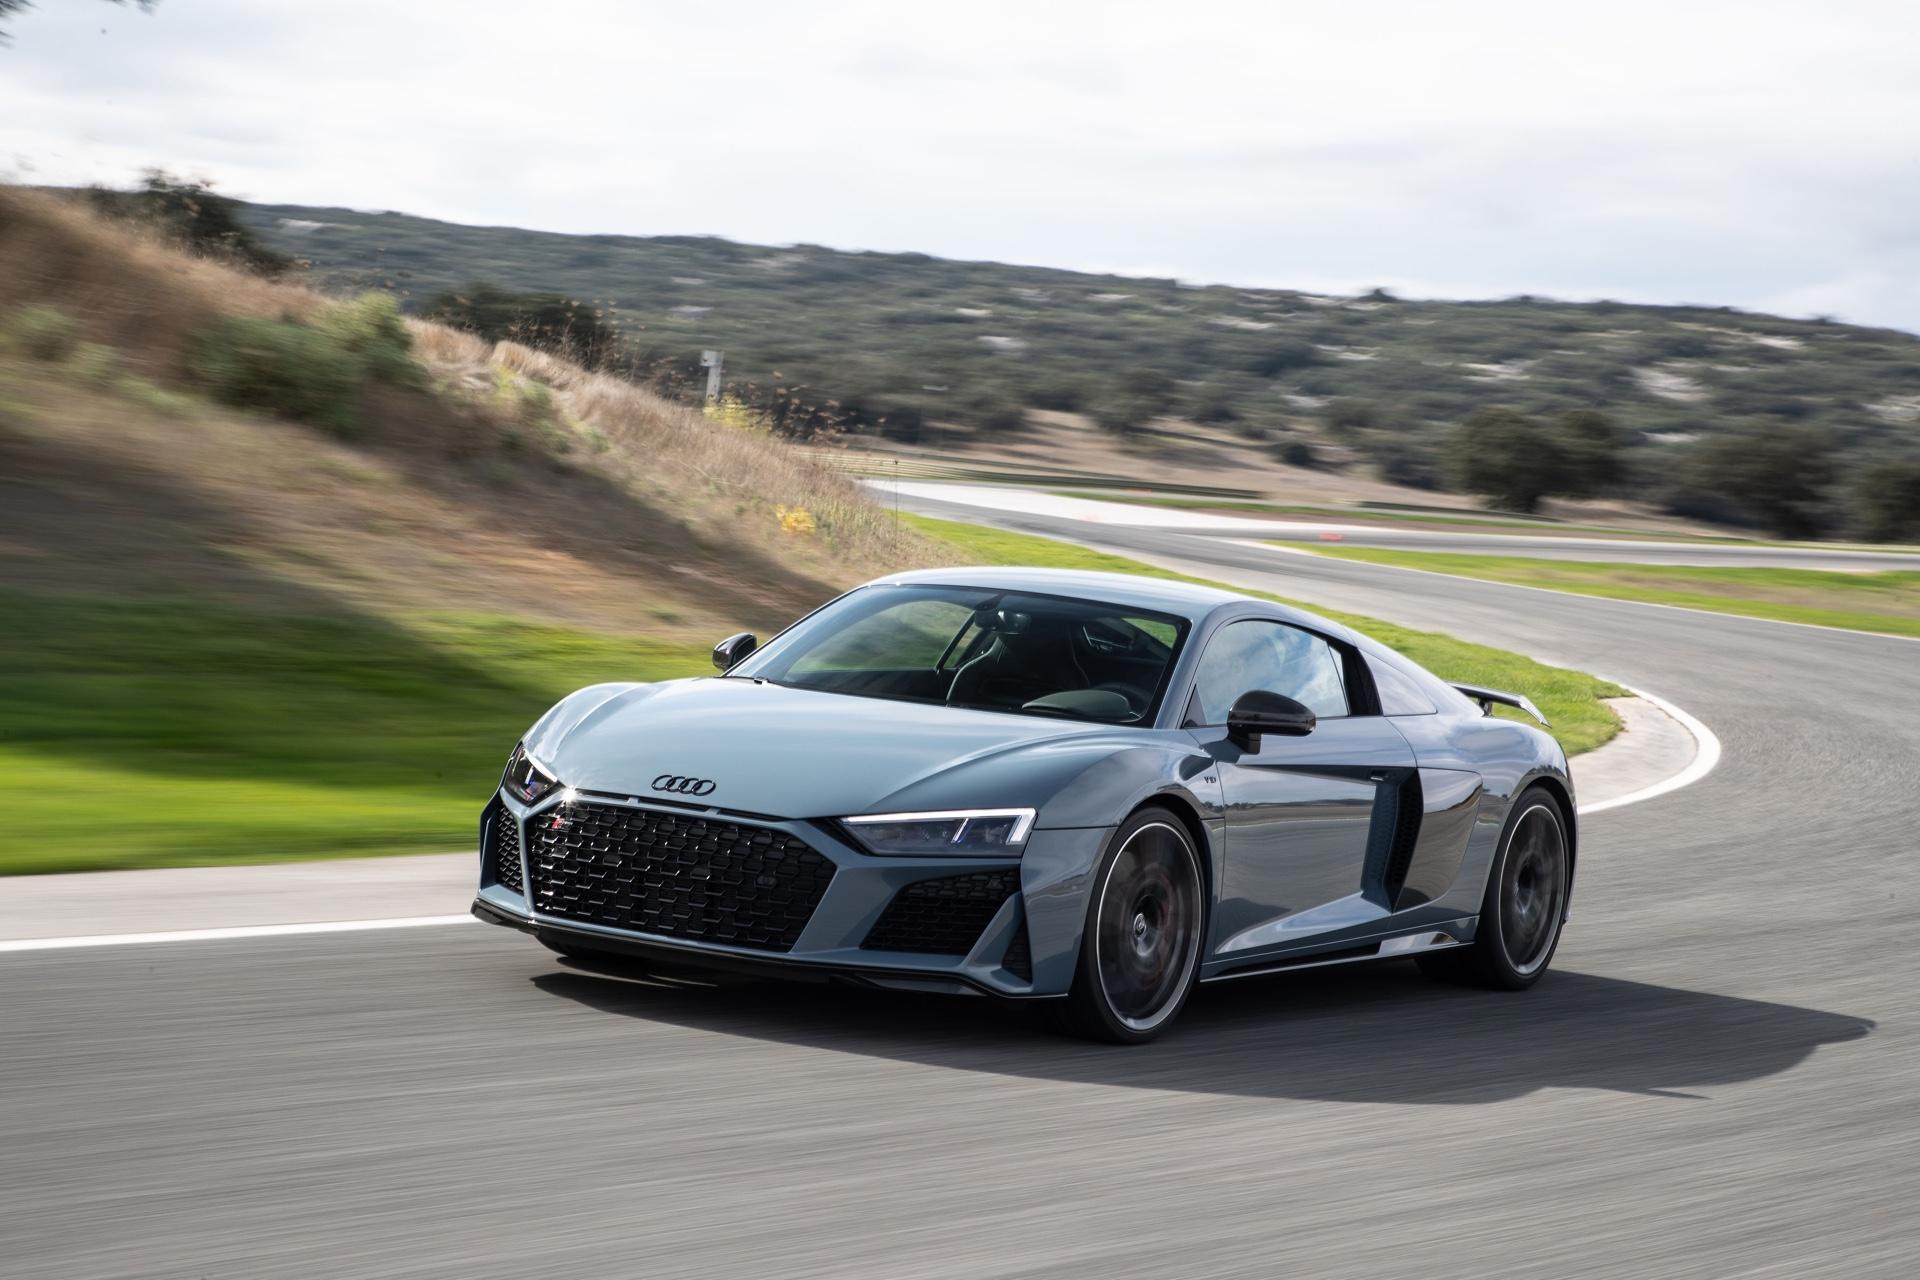 Kelebihan Audi R8 Performance Murah Berkualitas